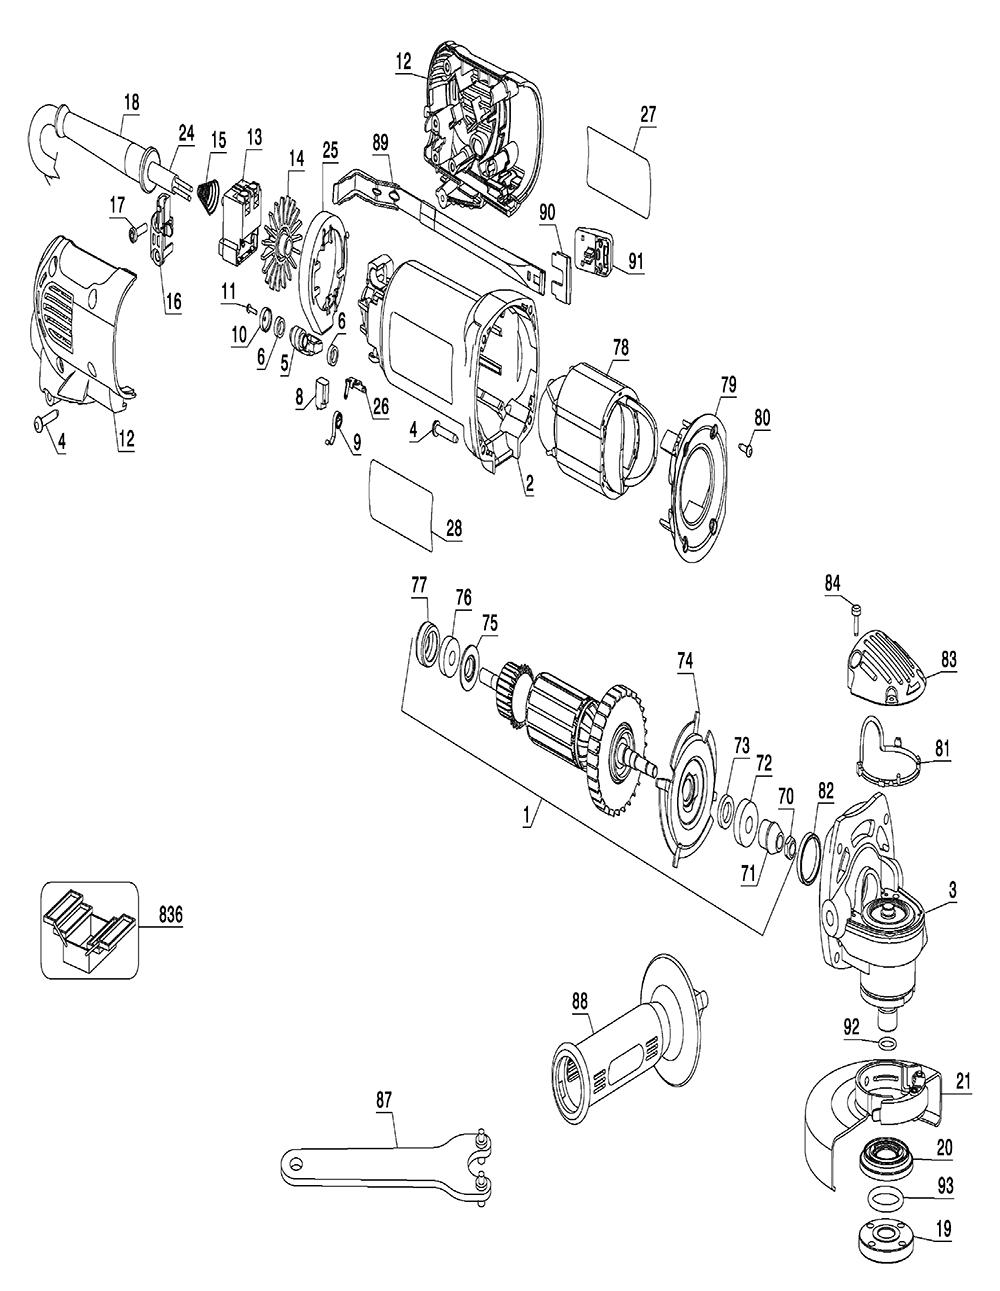 Buy Dewalt D28112-BR Type-2 4-1/2 Inch (115mm) Heavy Duty